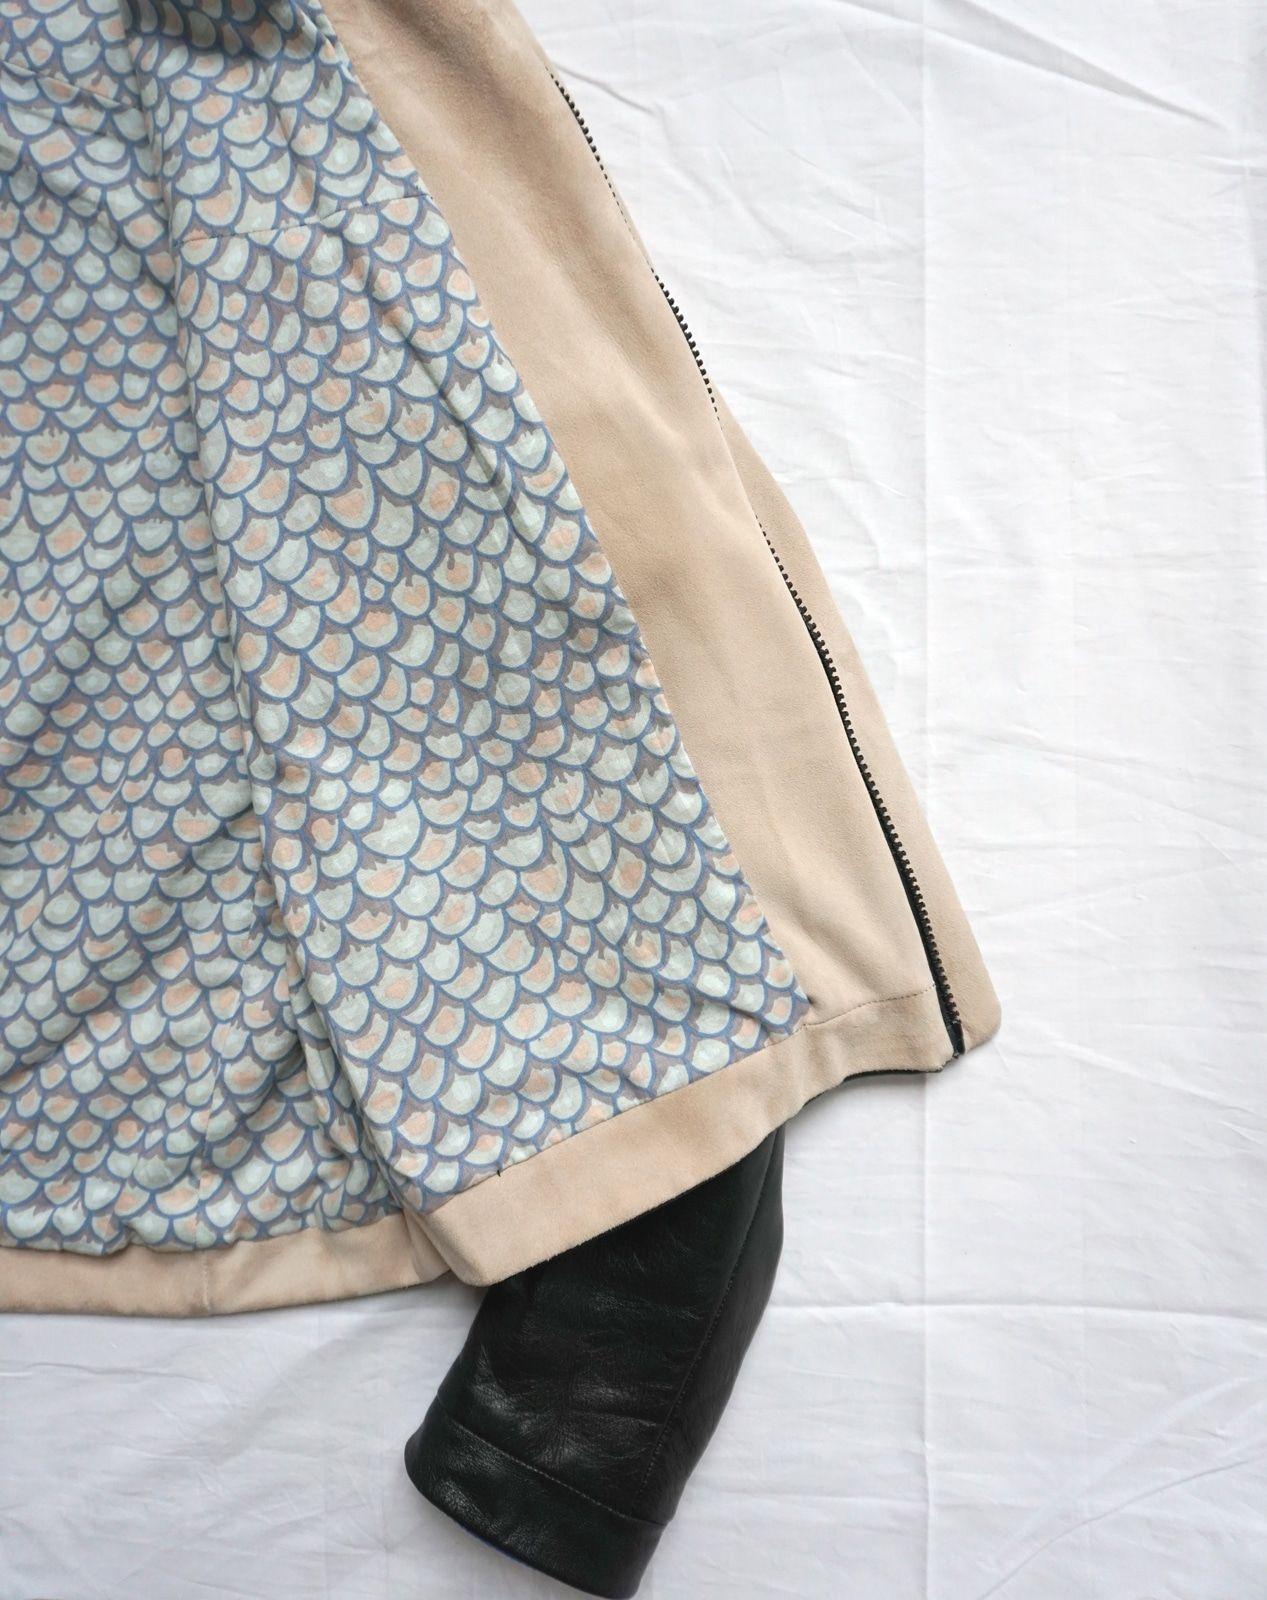 Realisation patronnage – toile – modele final – Sur-mesure – Veste en cuir d agneau napa – Femme – Noire – Doublure imprimee – Detail de montage parementure et doublure